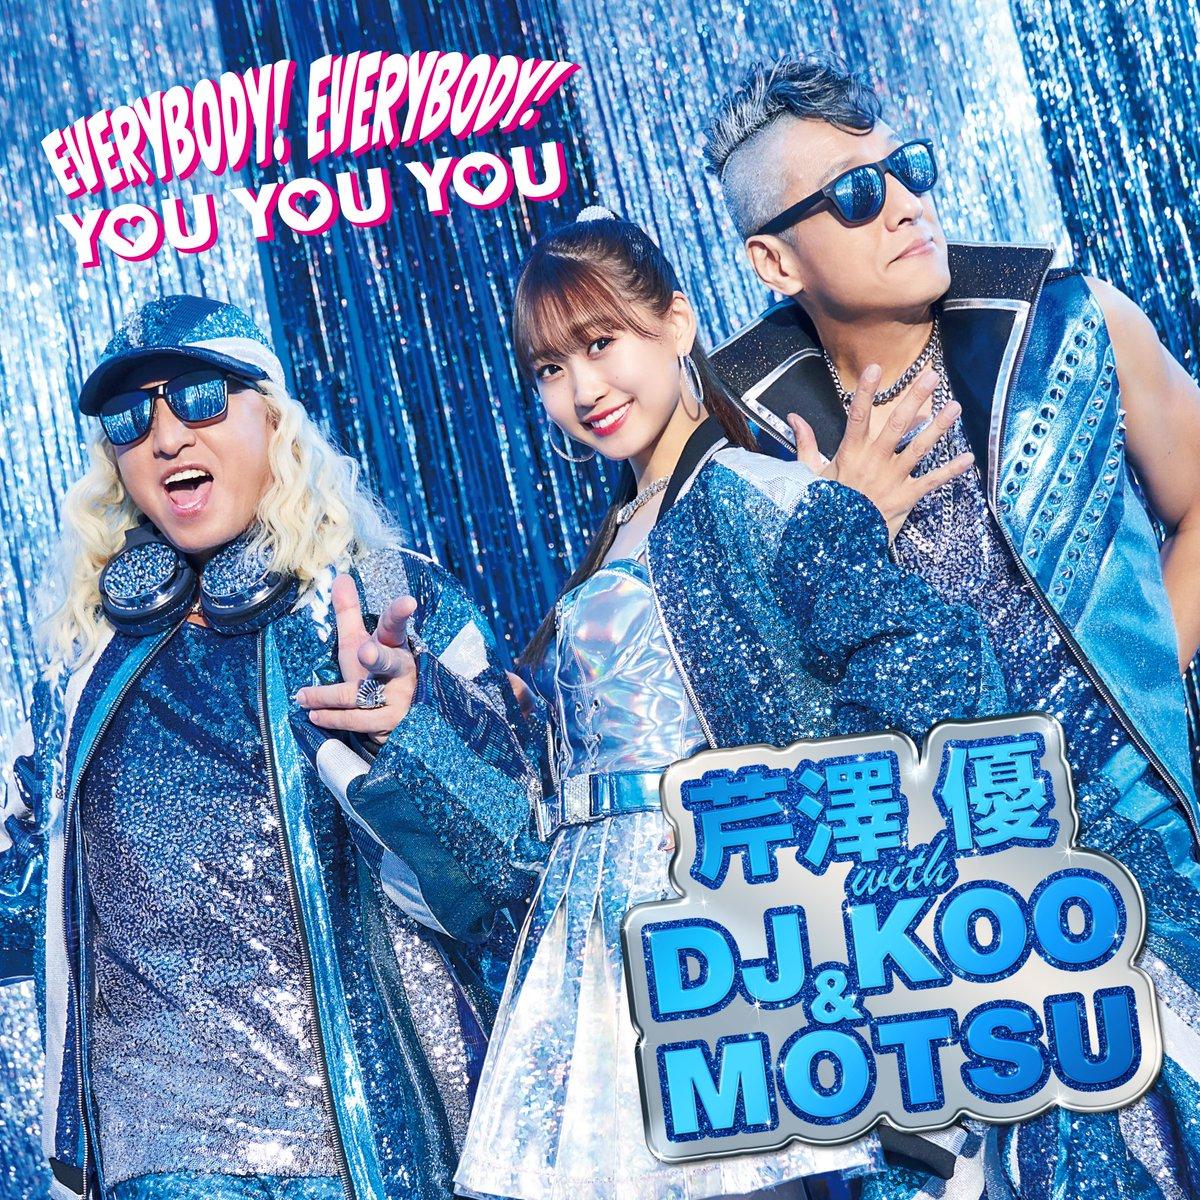 『芹澤優 with DJ KOO & MOTSU - YOU YOU YOU』収録の『EVERYBODY! EVERYBODY! / YOU YOU YOU』ジャケット